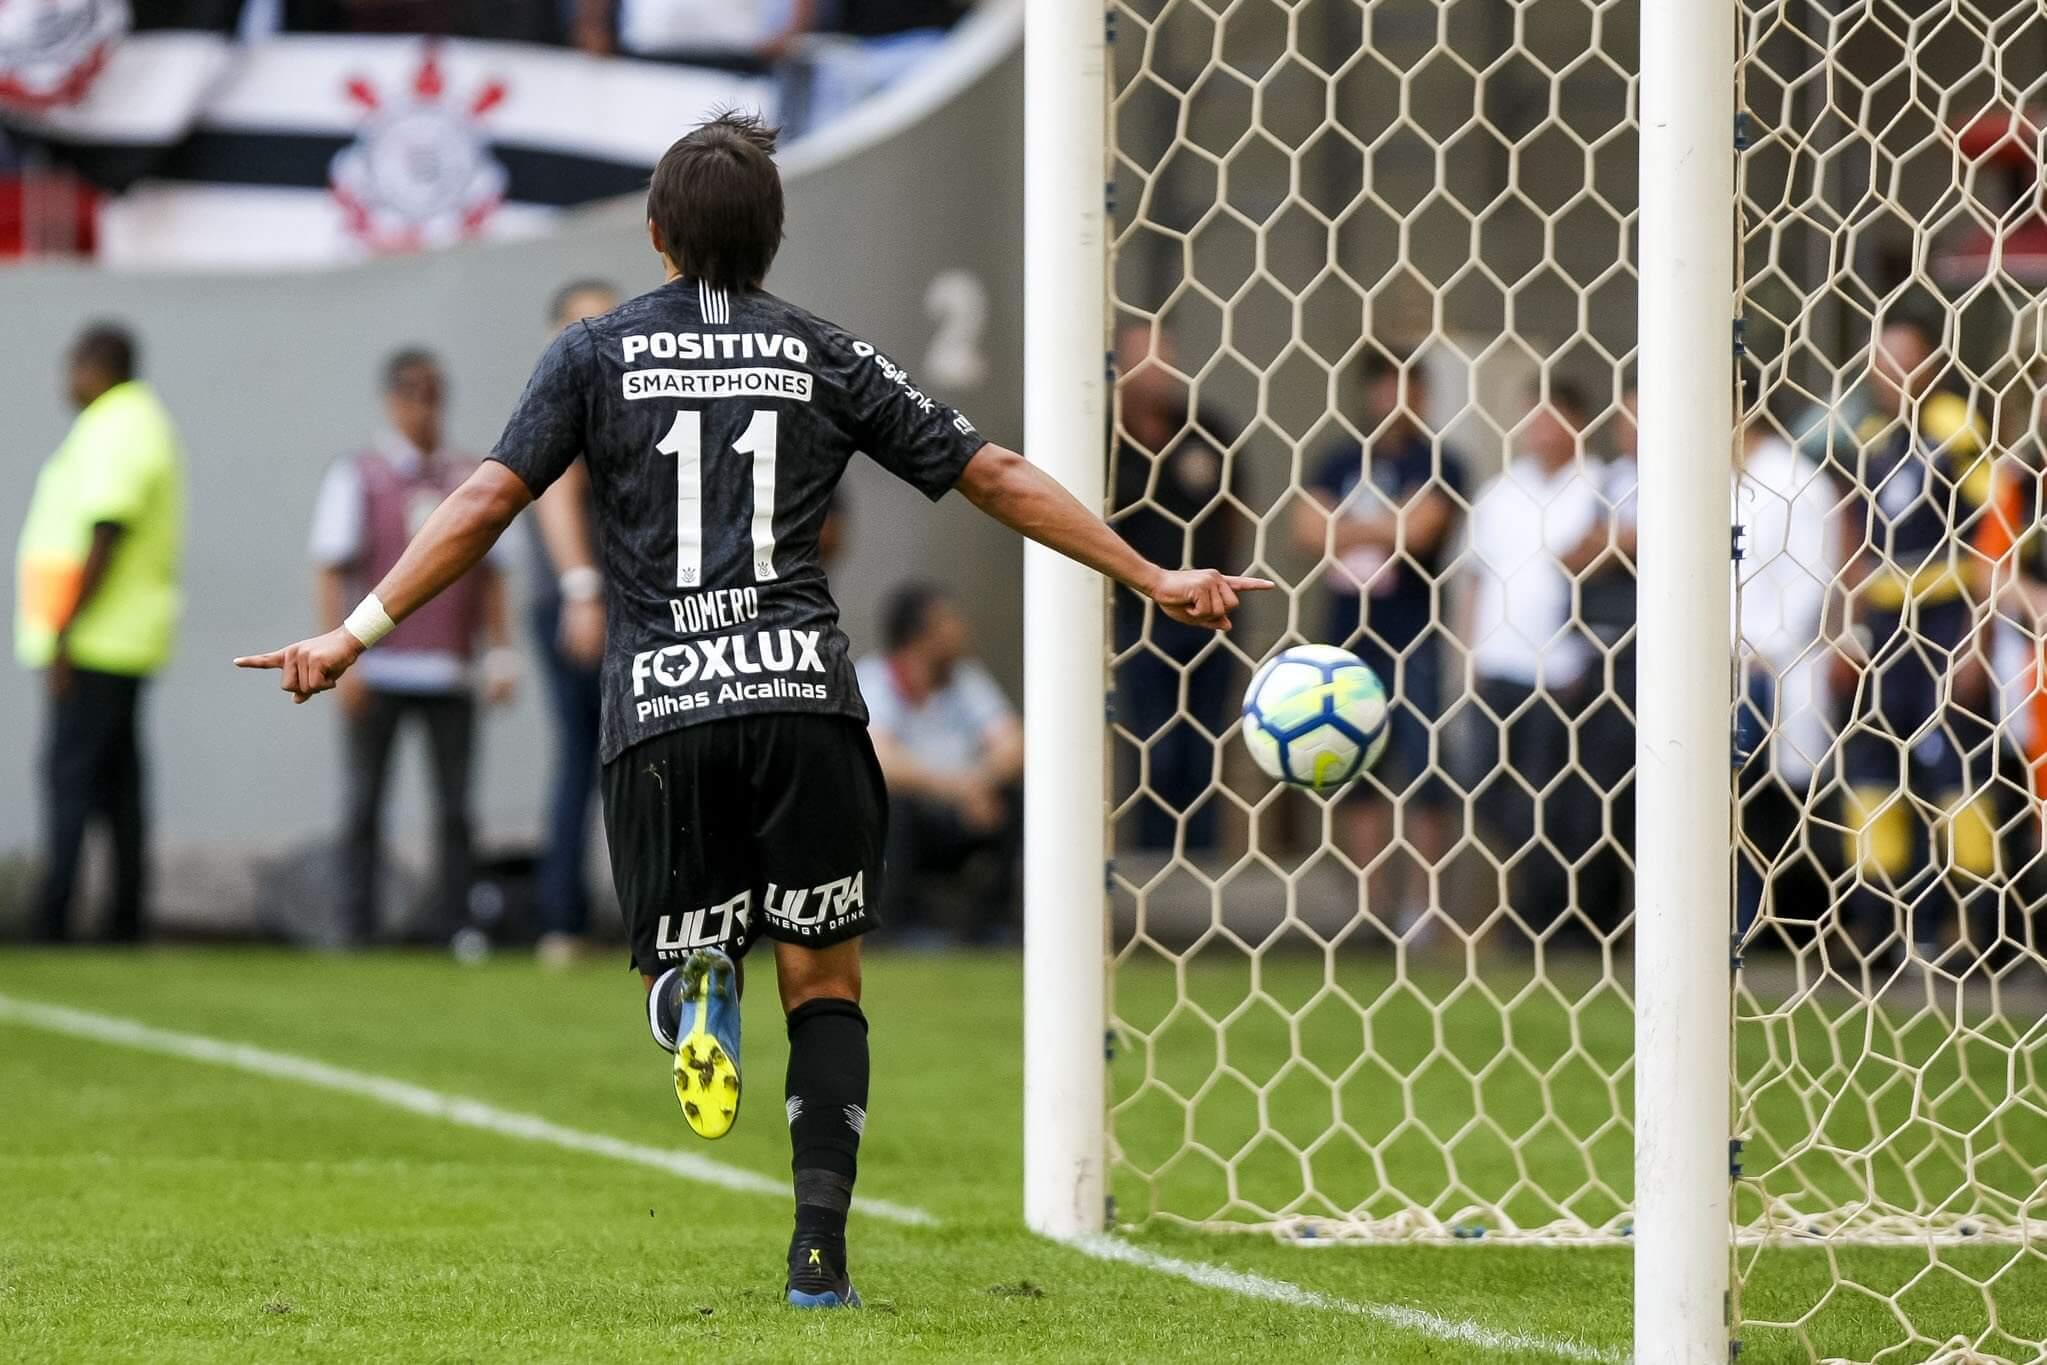 Romero foi destaque ao marcar três gols na vitória sobre o Vasco da Gama.